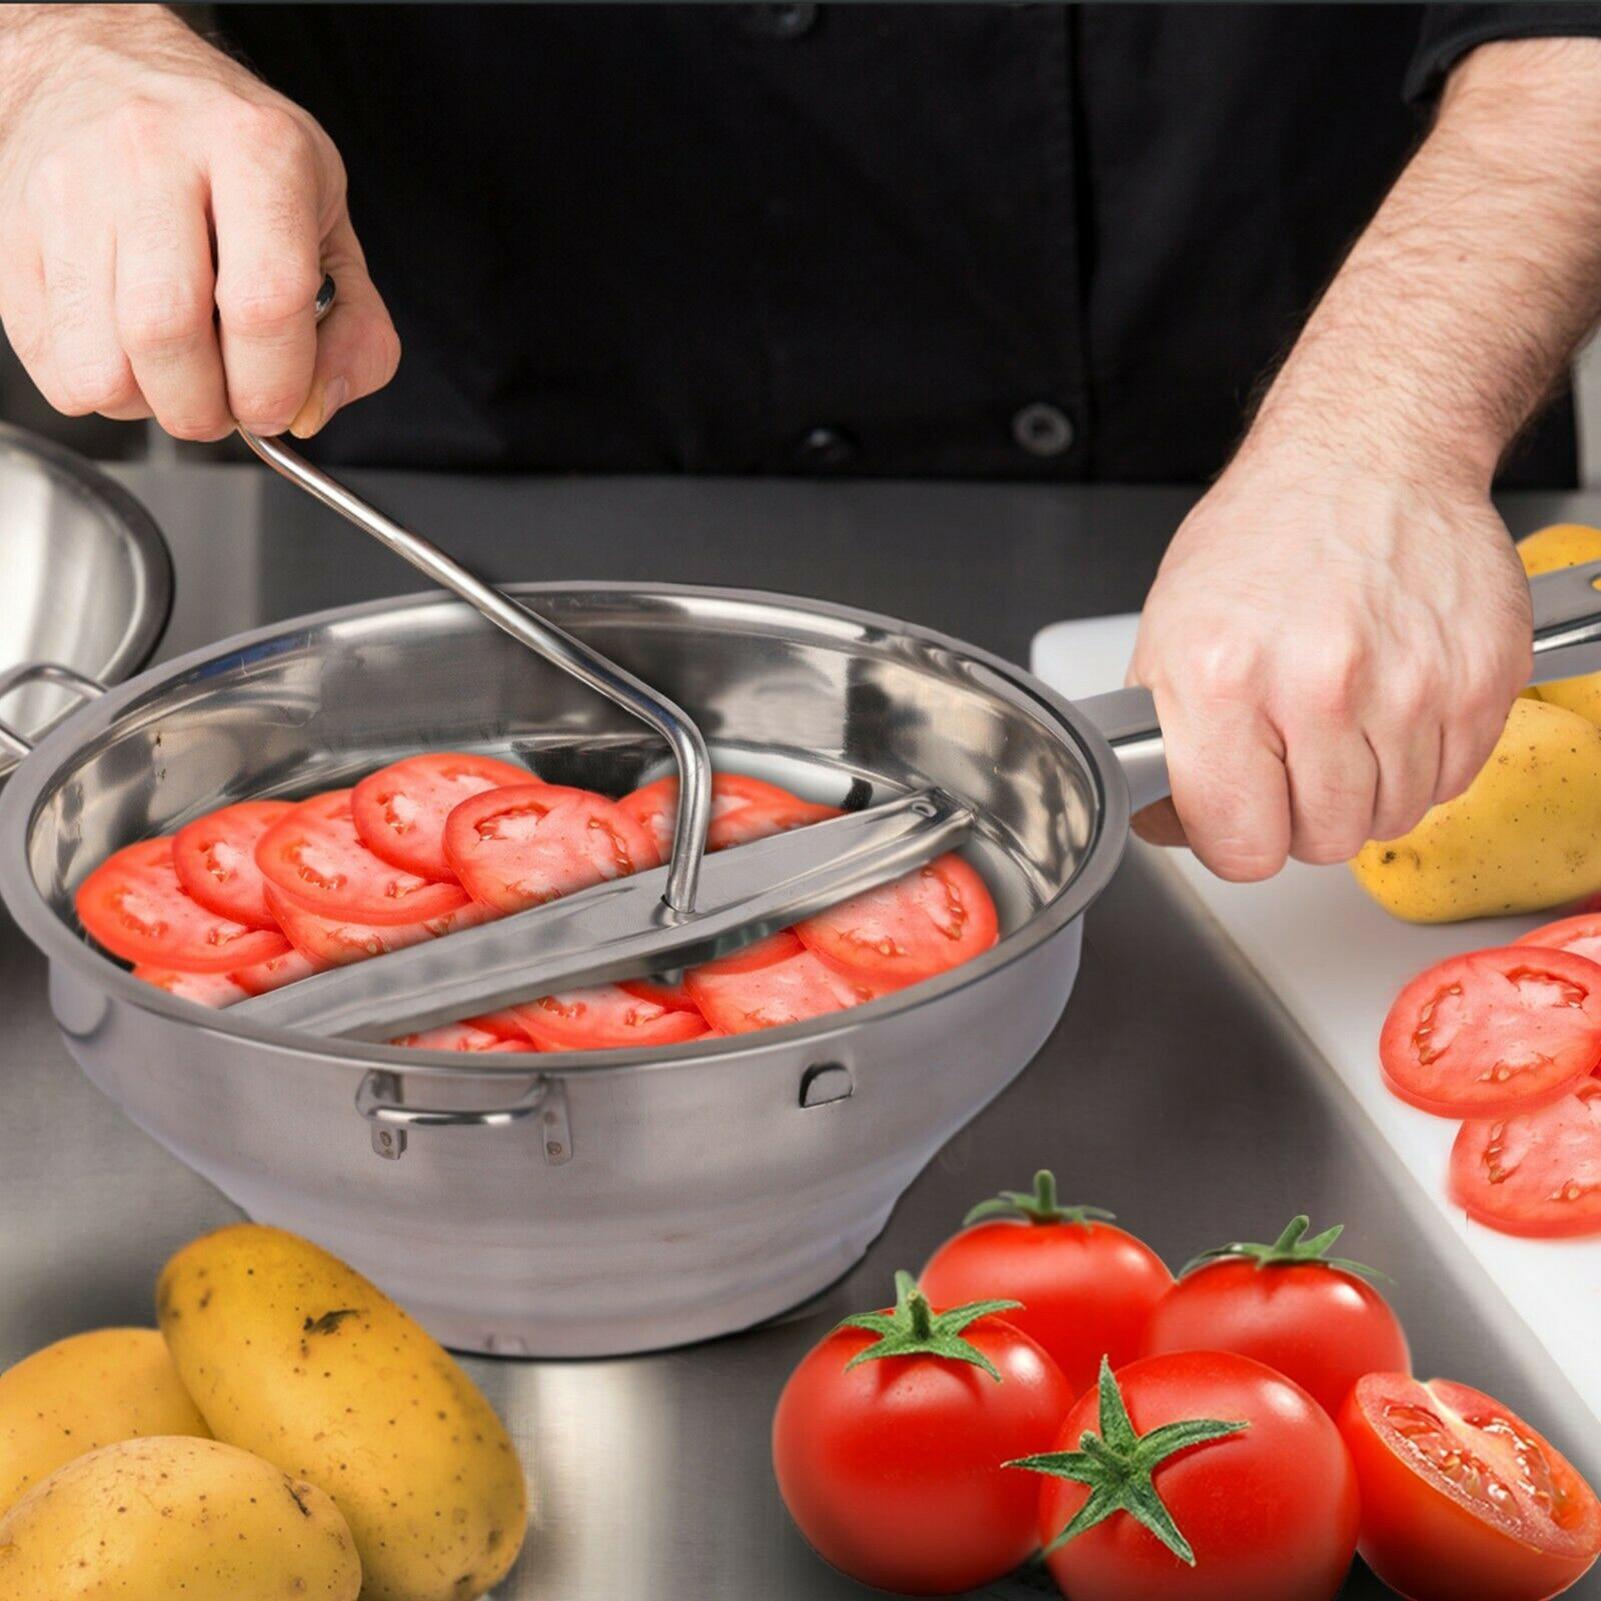 آلة دوارة من الفولاذ المقاوم للصدأ مطحنة الغذاء كبيرة لصنع هريس أو الحساء من الخضروات الطماطم creatided أدوات مطبخ المنزل